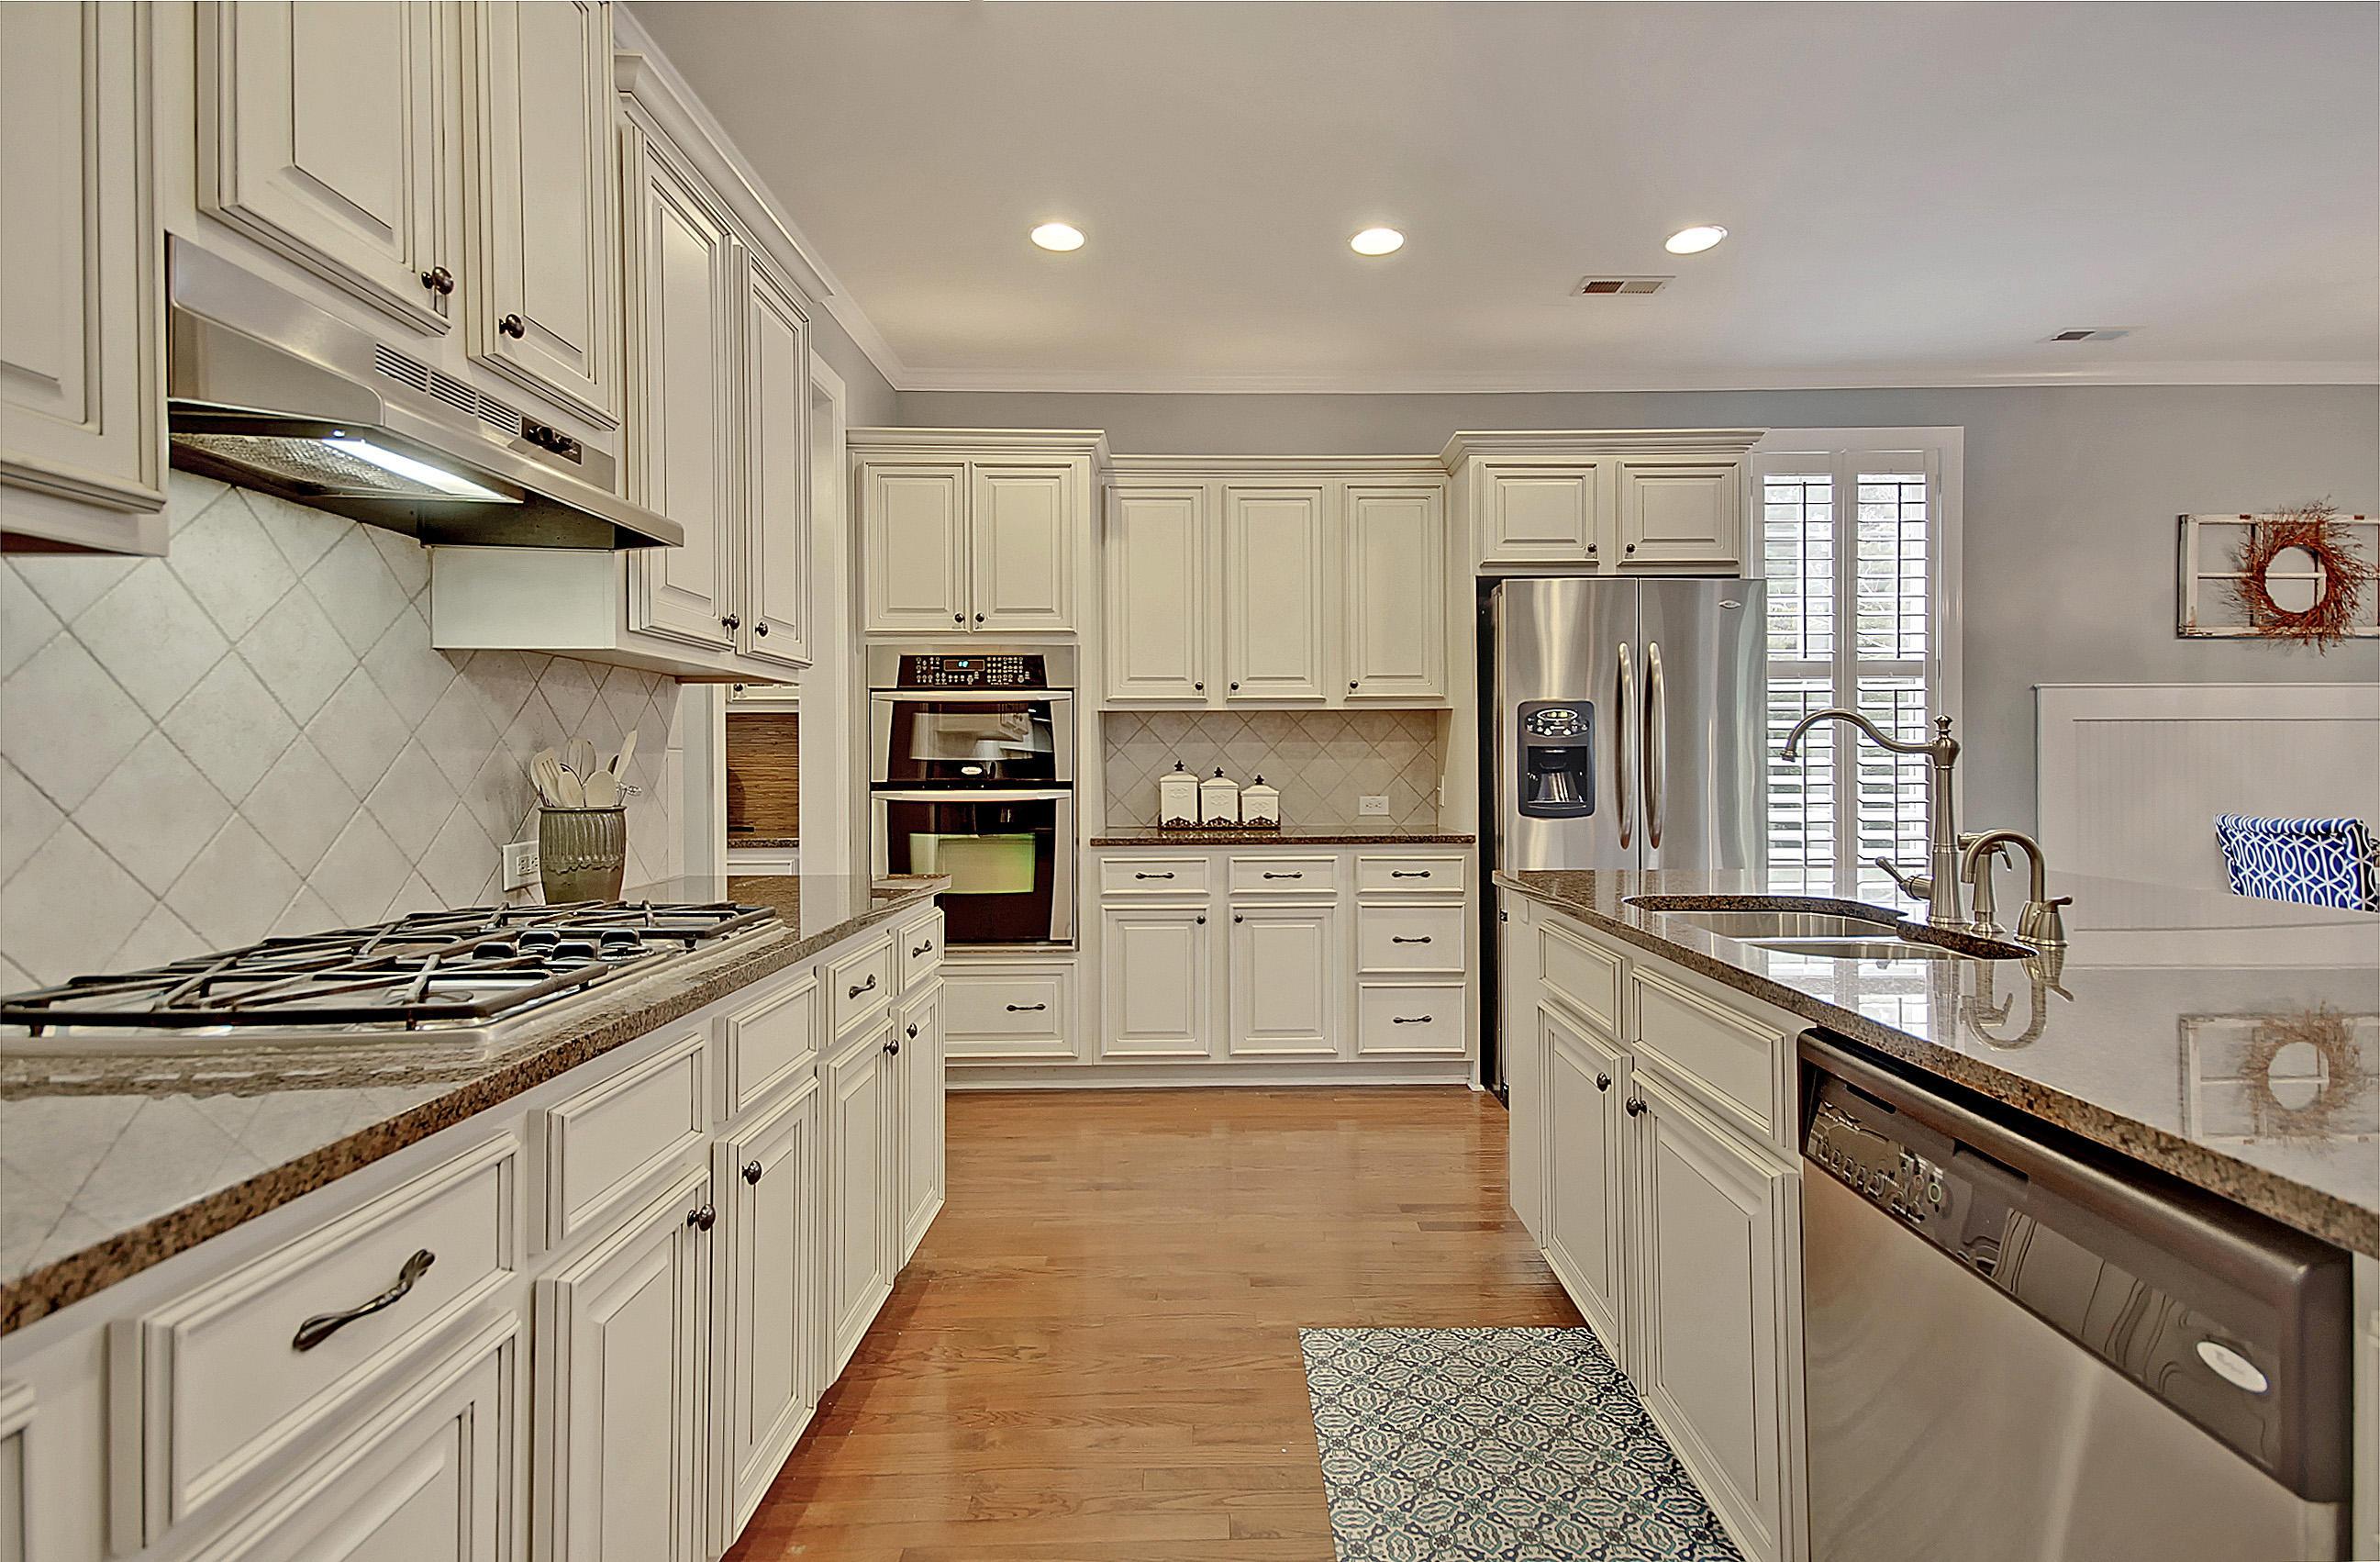 Dunes West Homes For Sale - 3056 Riverwood, Mount Pleasant, SC - 42